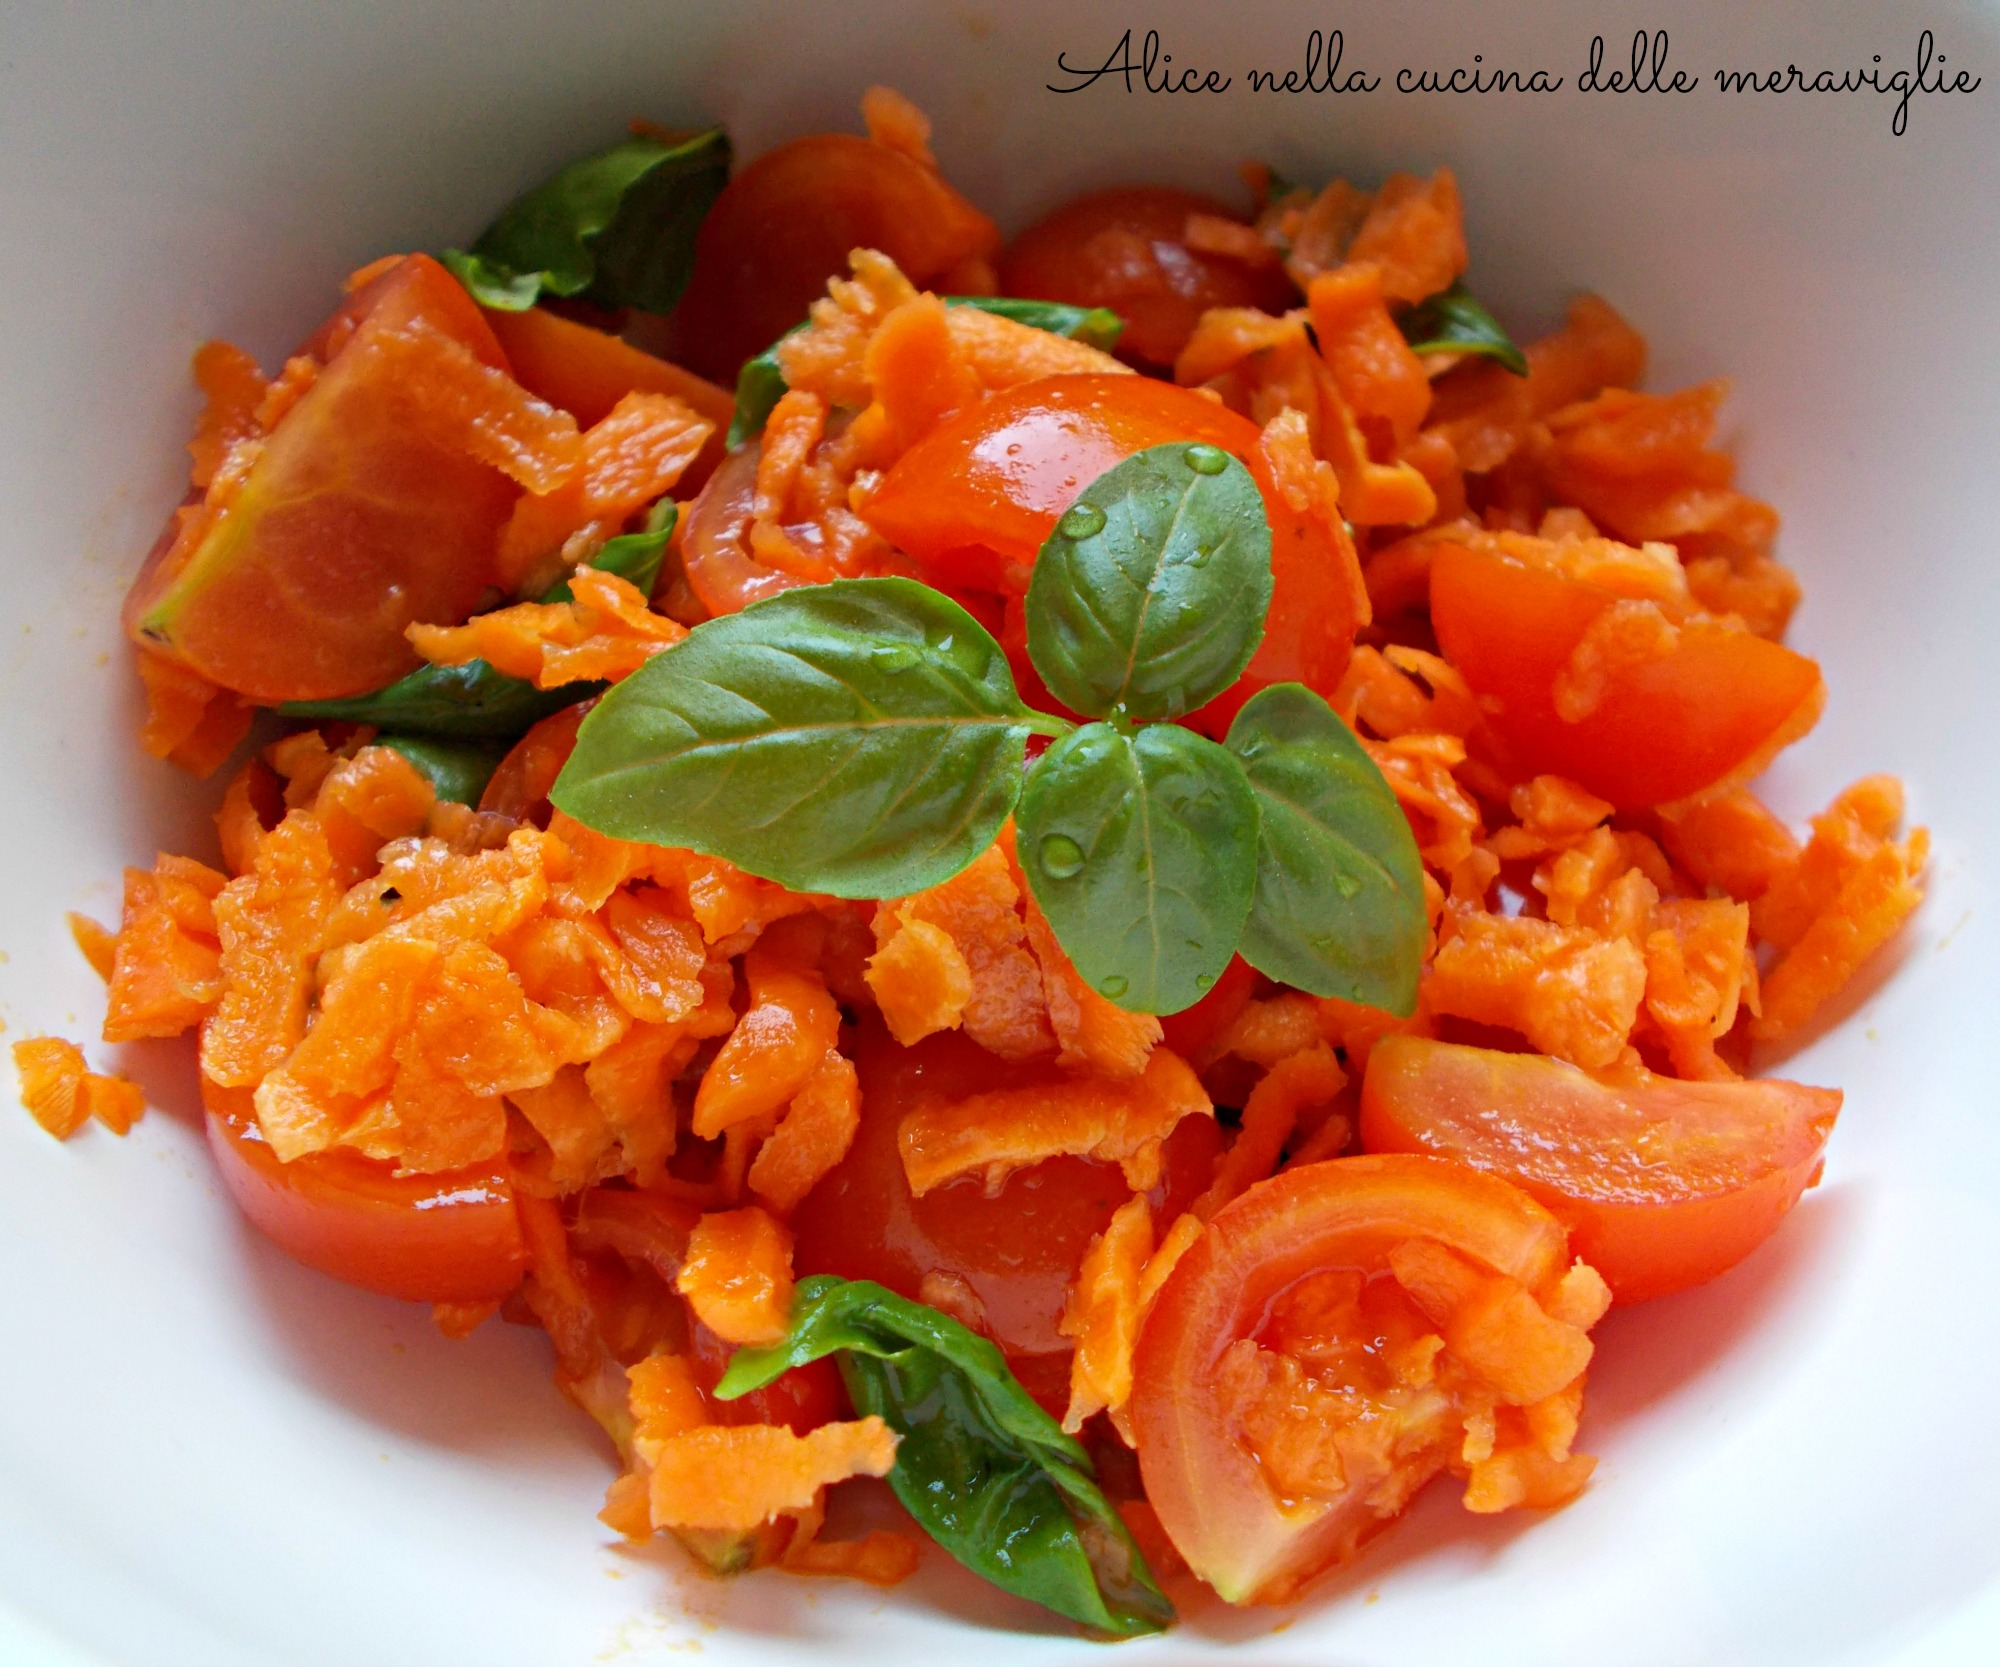 Insalata di pomodorini, carote e basilico Ricetta contorno vegano Alice nella cucina delle meraviglie